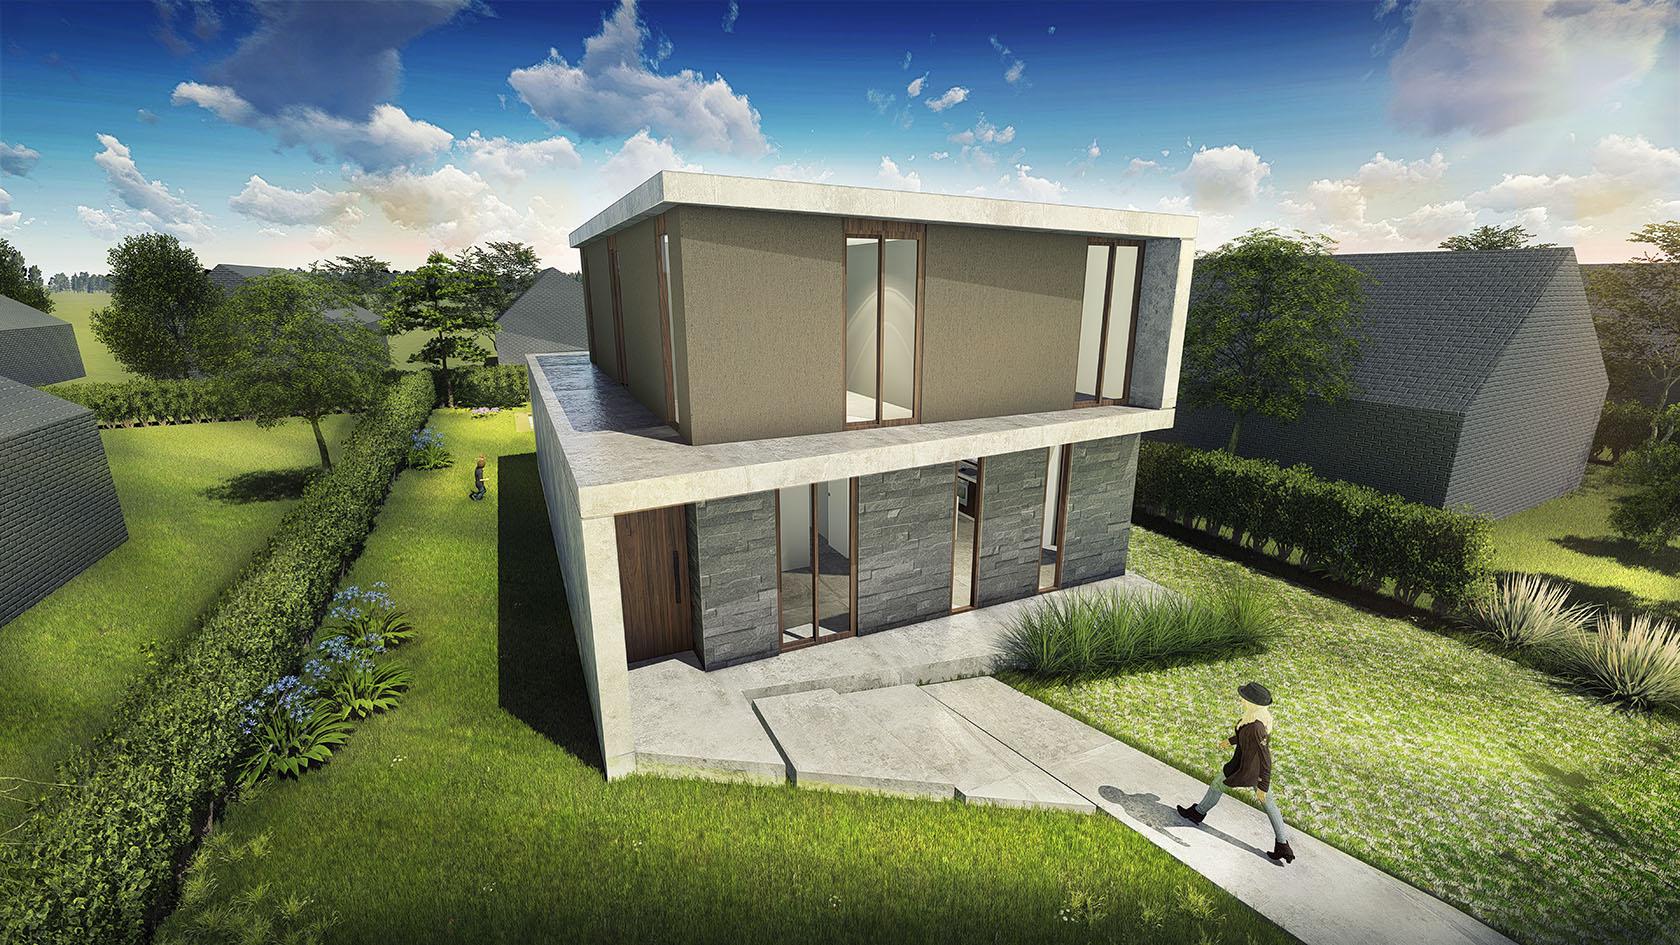 Vista aérea fachada de frente, hormigón y piedra, casas modernas en buenos aires